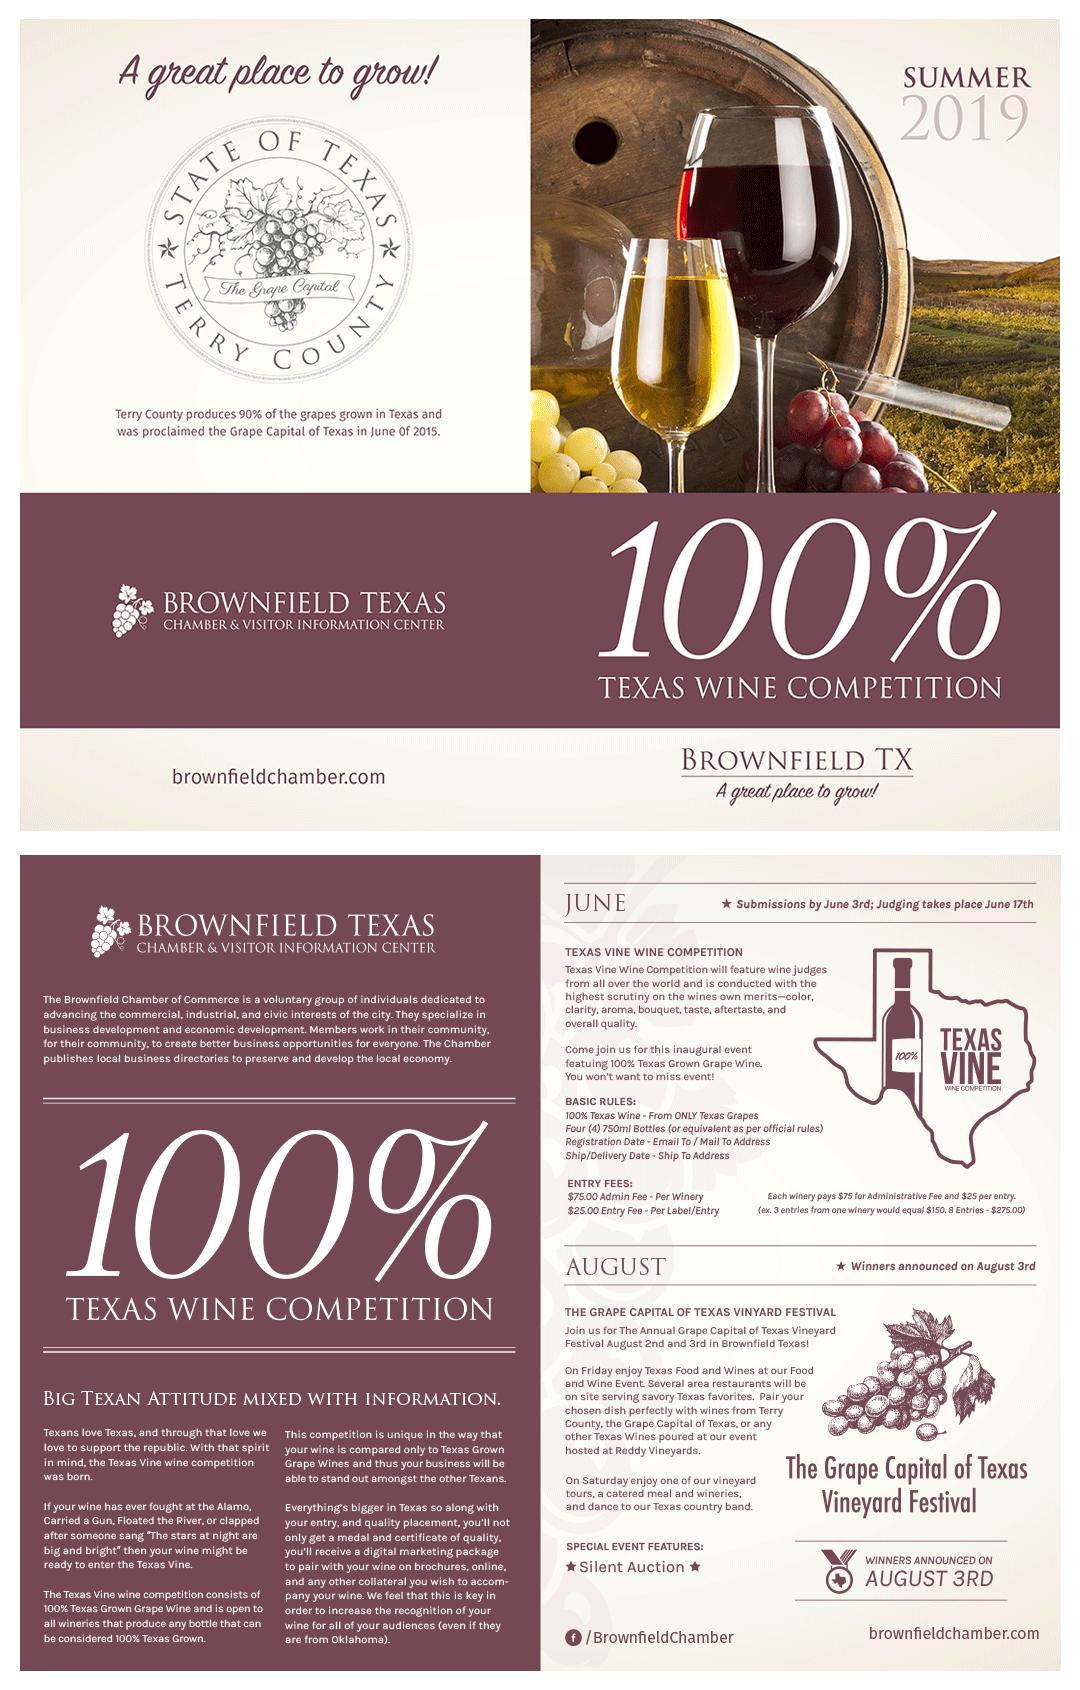 Texas Vine Festival Brochure